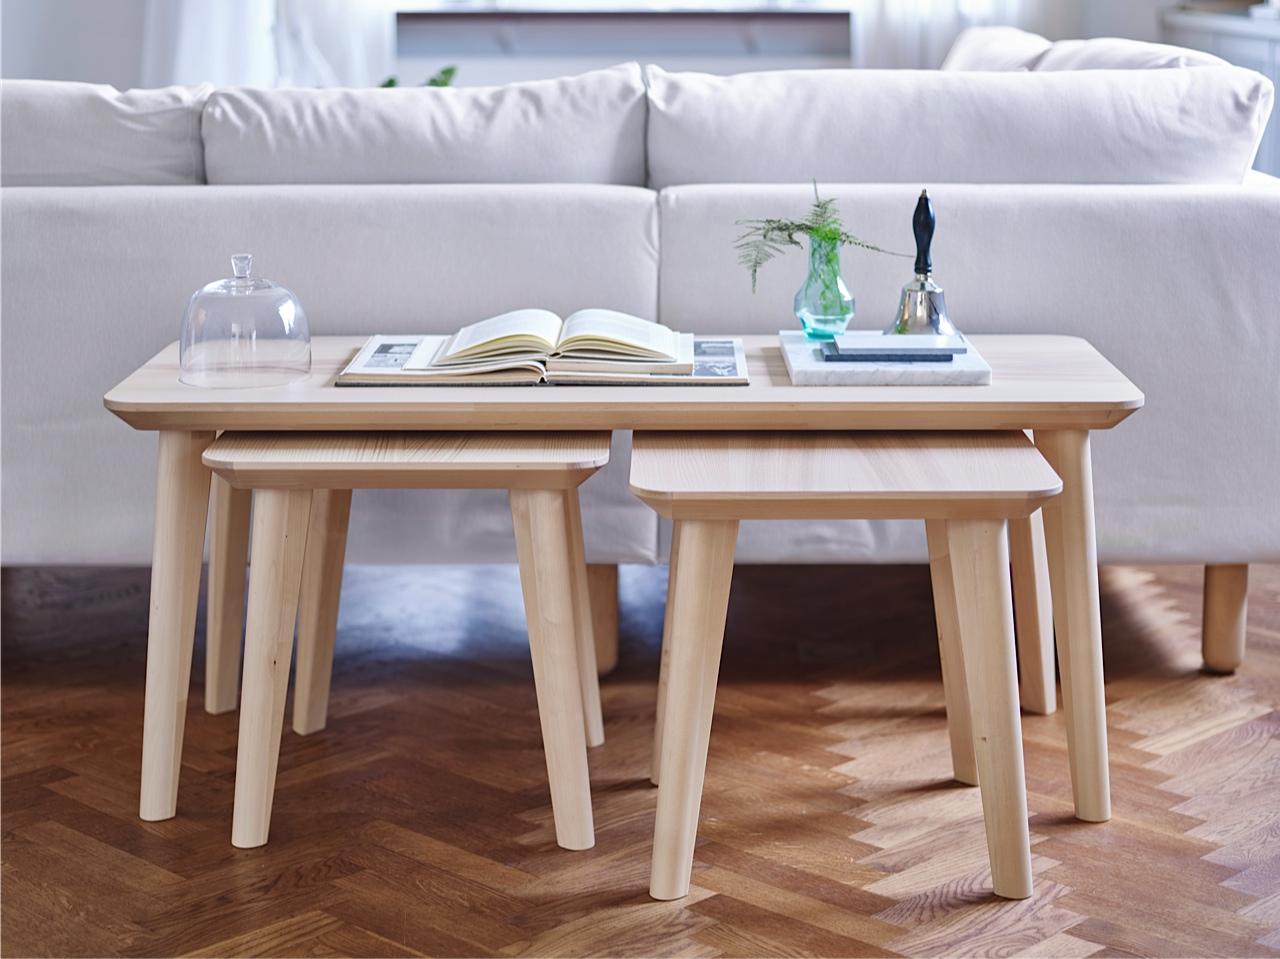 Inredningshj lpen ikea lisabo norsborg nyheter i h st for Muebles design